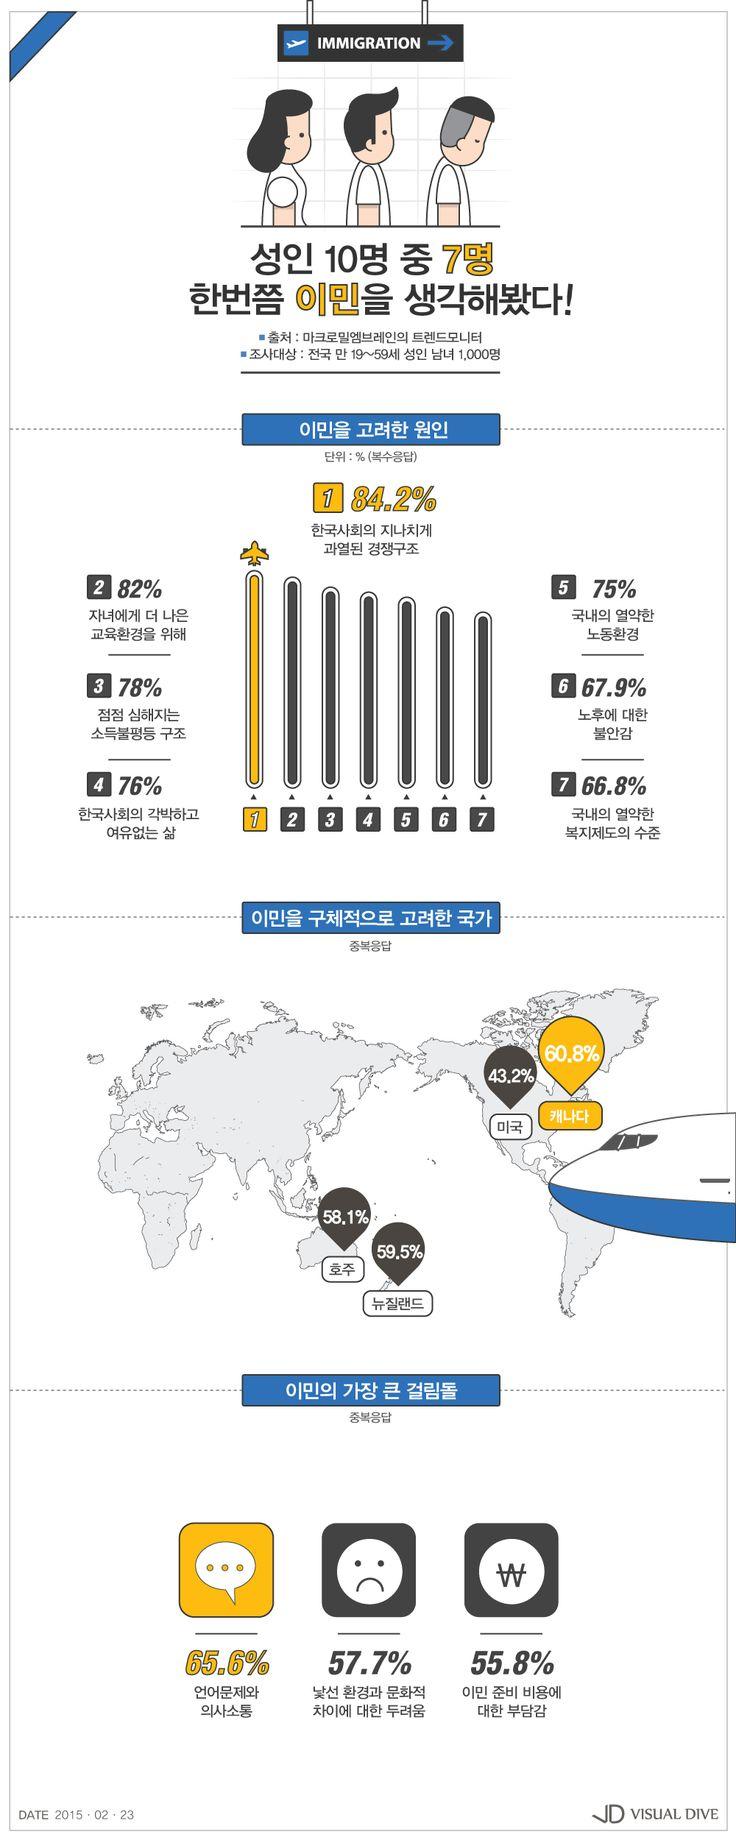 """성인 76.4% """"이민을 생각해 봤다""""…희망국가 1위는 캐나다 [인포그래픽] #immigration / #Infographic ⓒ 비주얼다이브 무단 복사·전재·재배포 금지"""